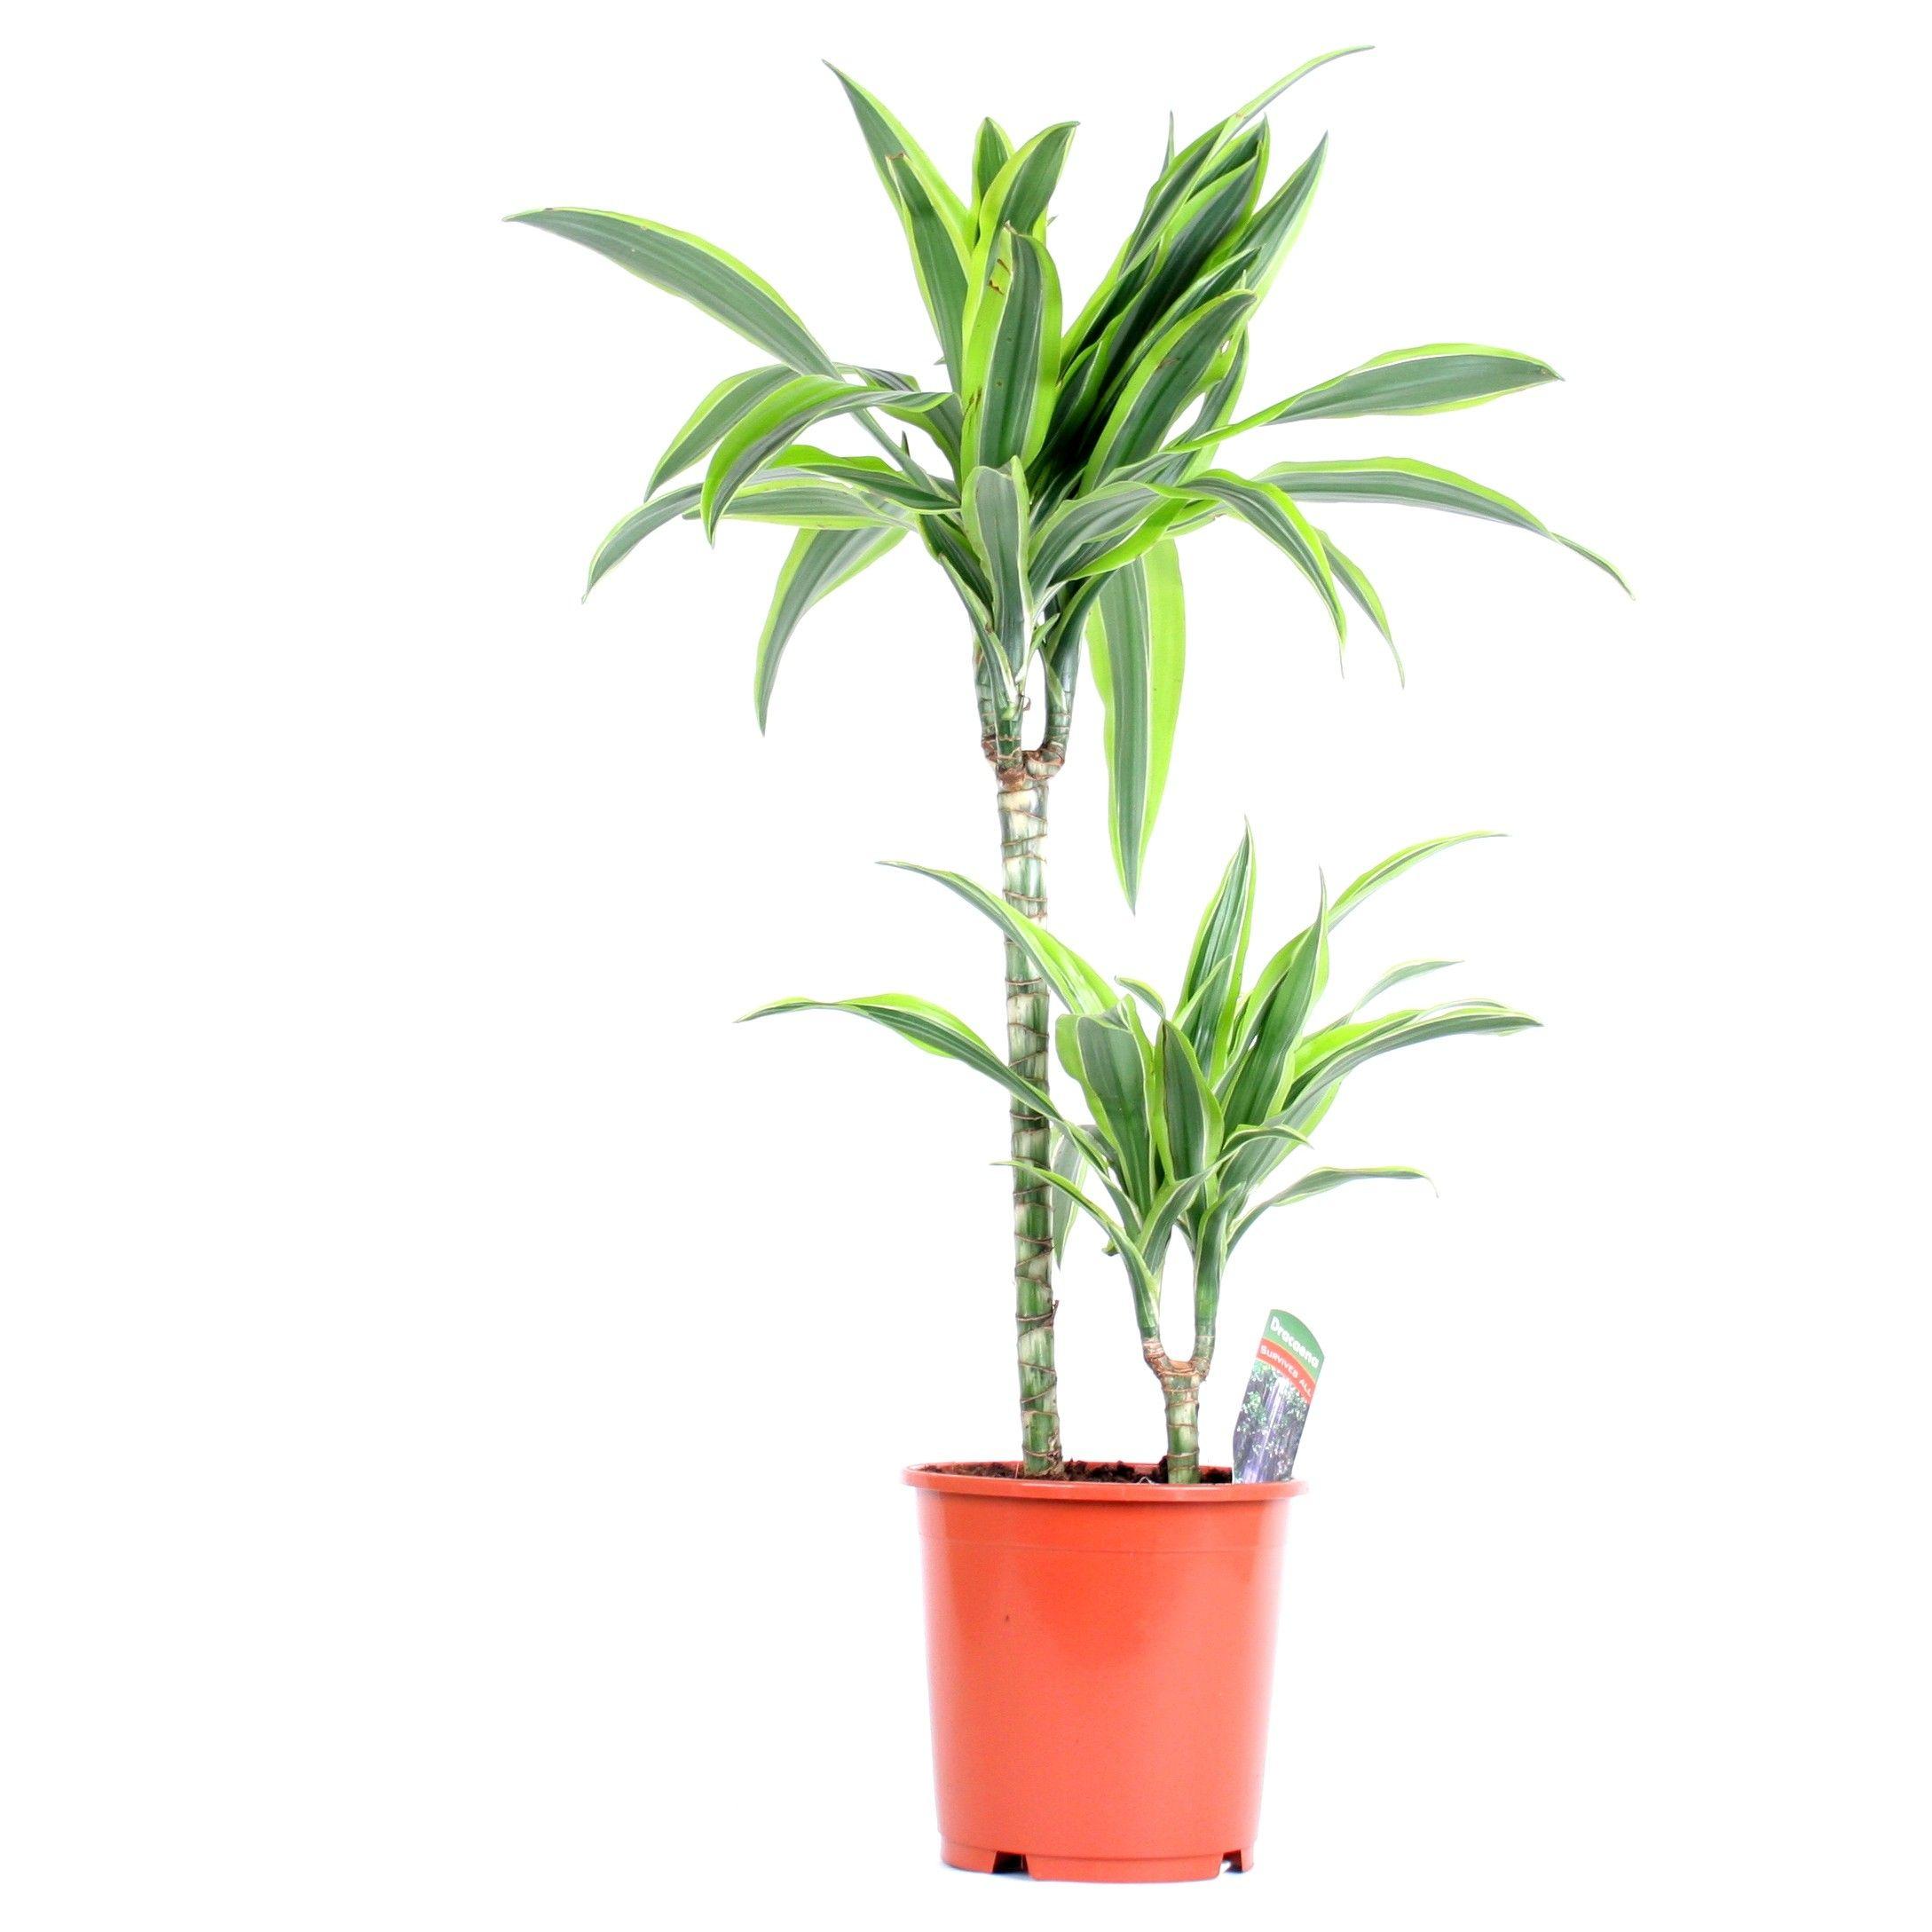 plante très solide ne demandant aucun entretien particulier arrosage